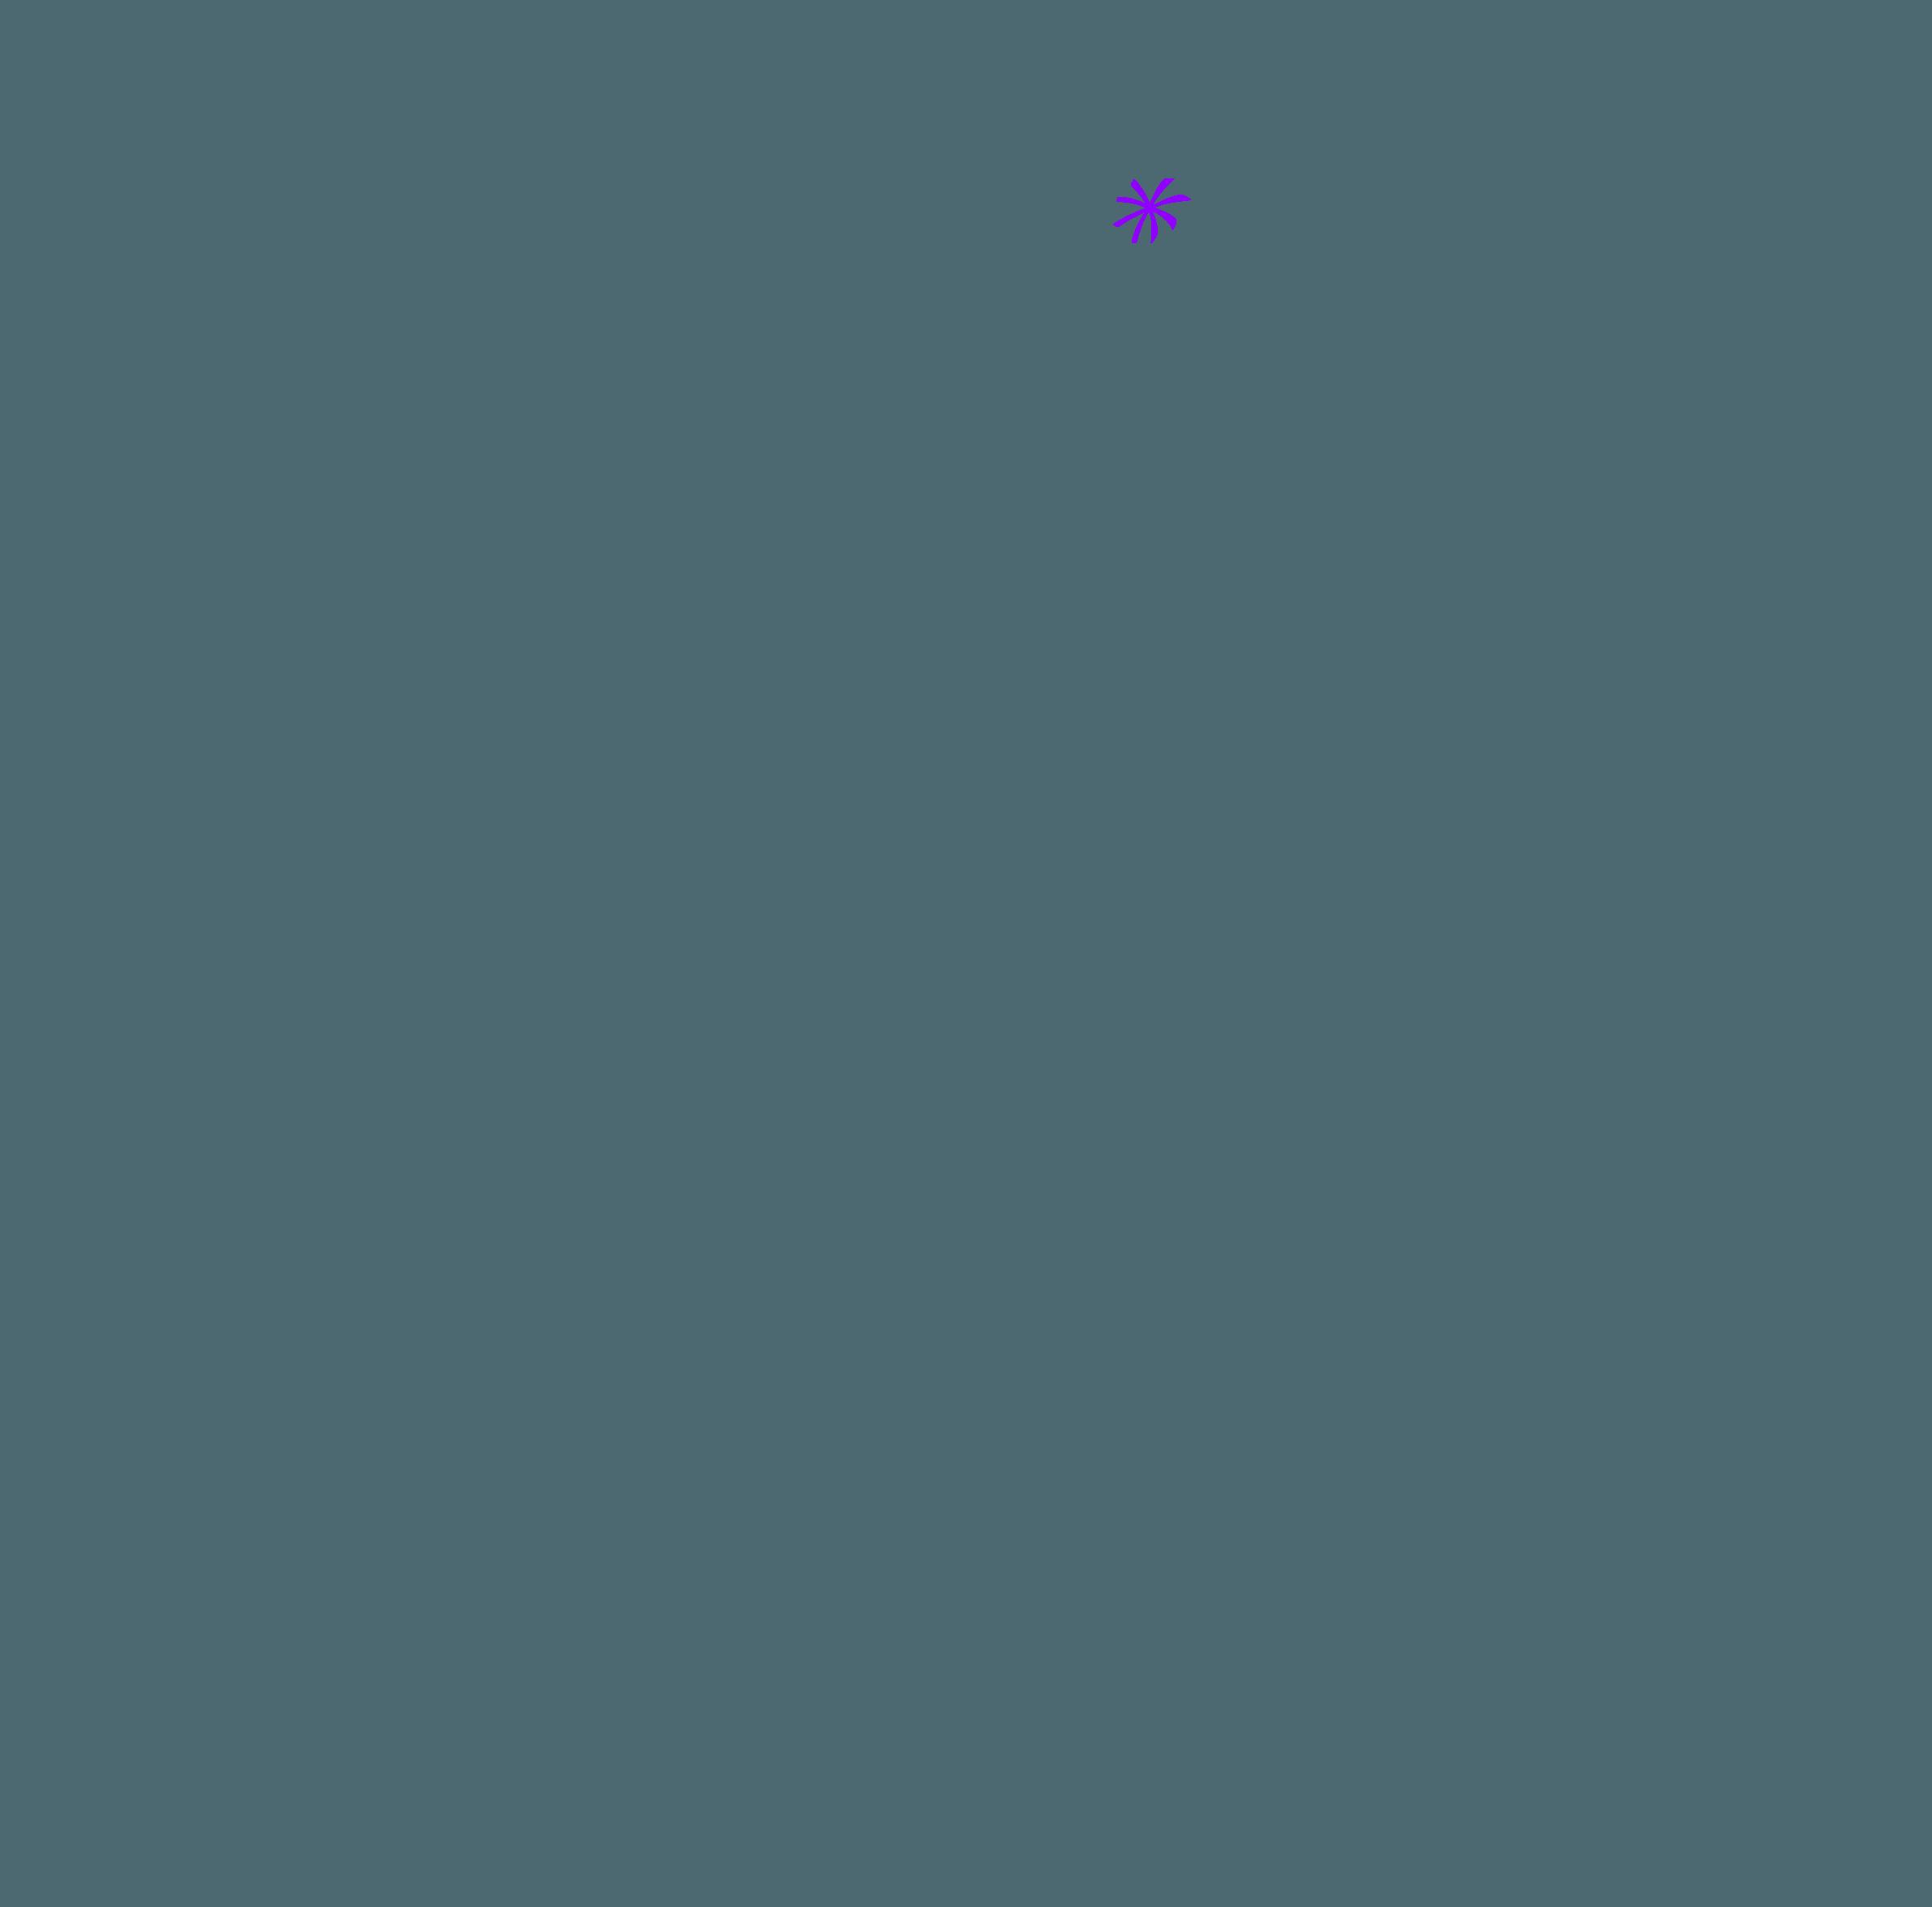 étoile violette